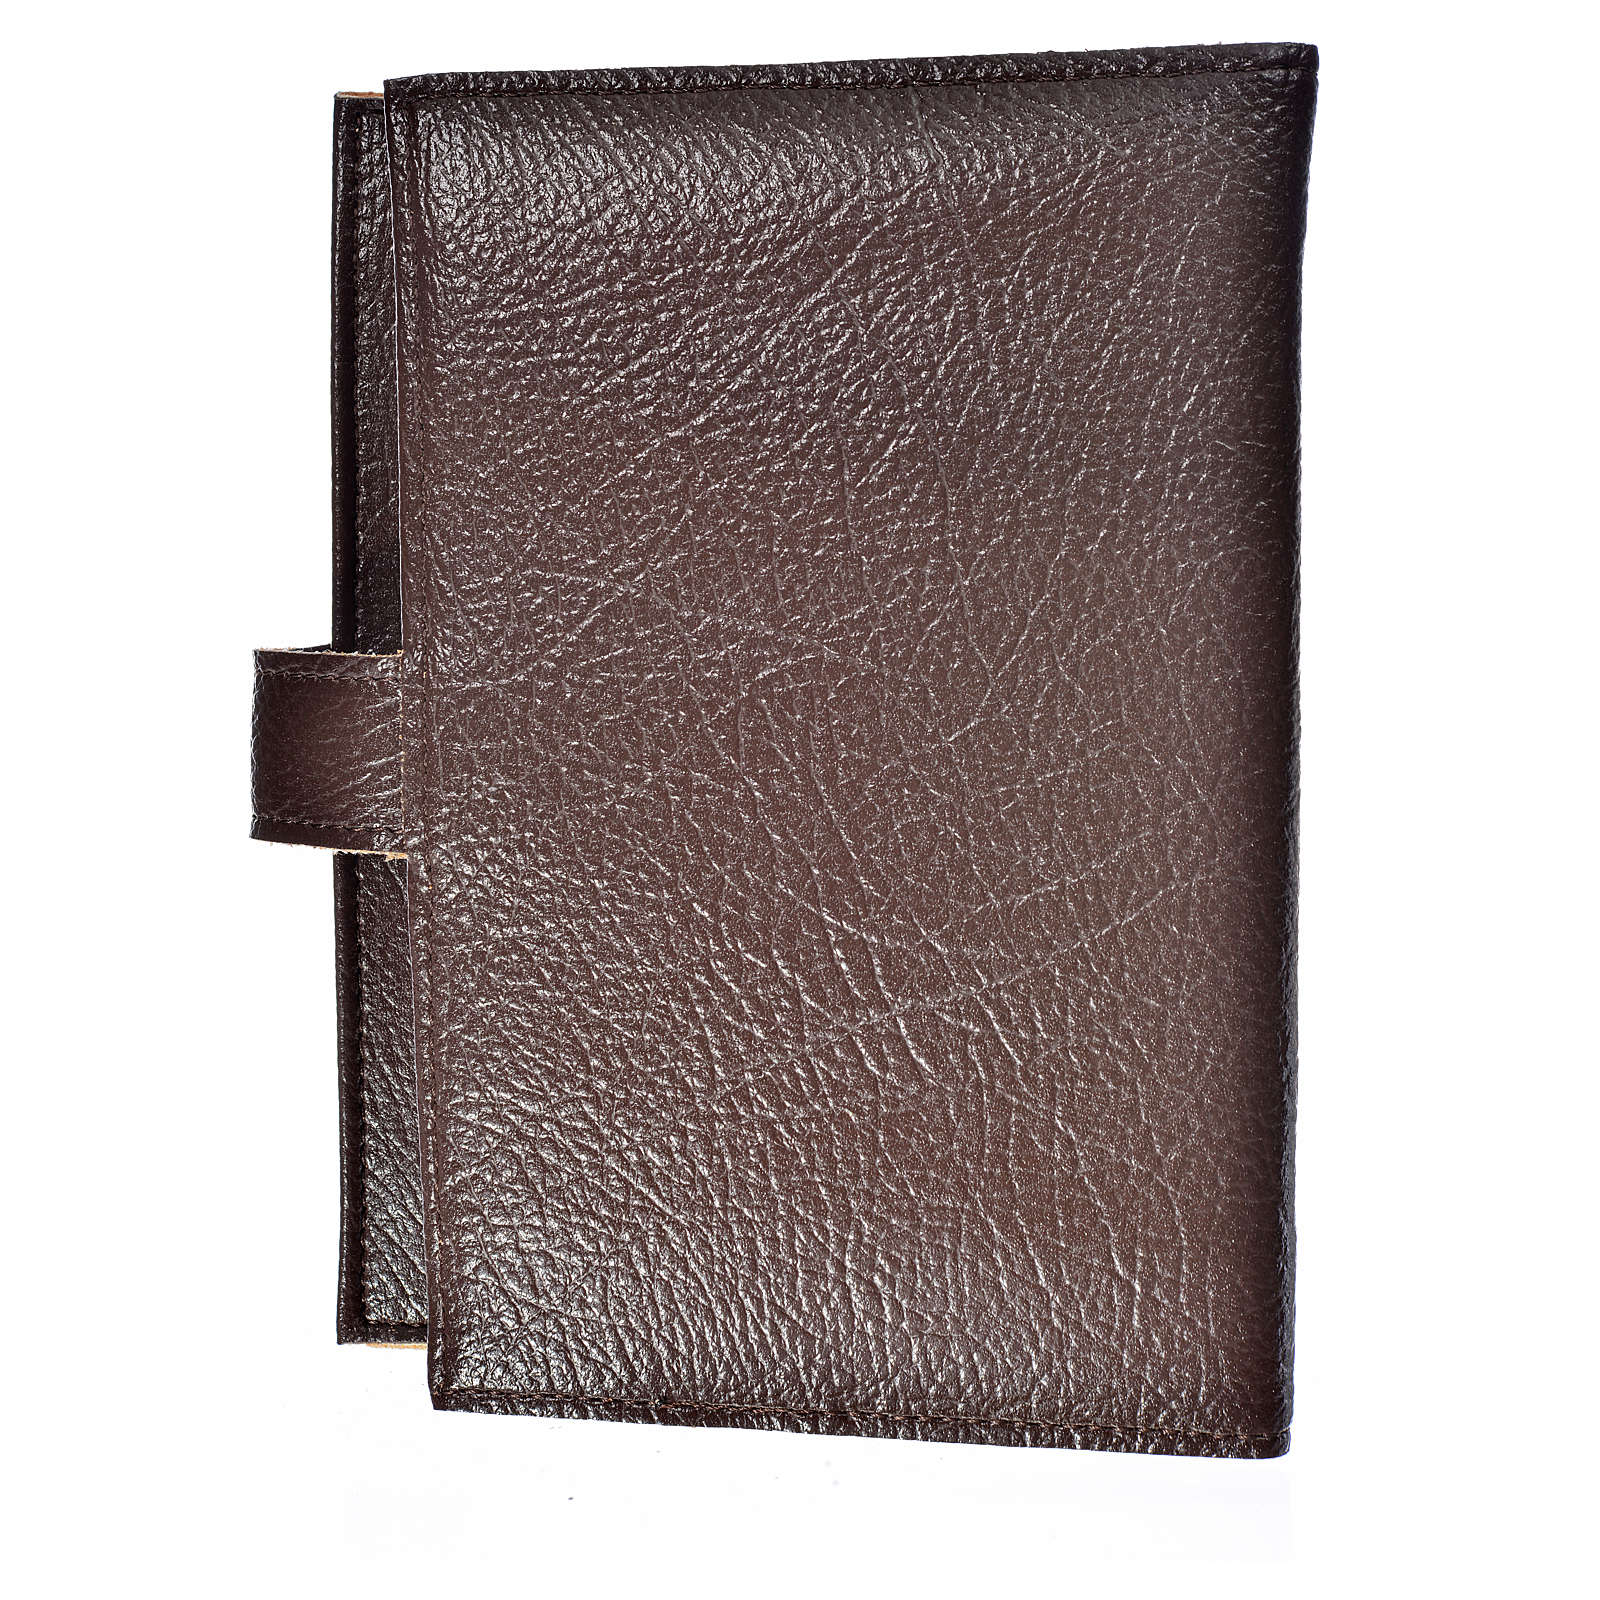 Funda Biblia Jerusalén Nueva Ed. Trinidad s. cuero marrón oscuro 4